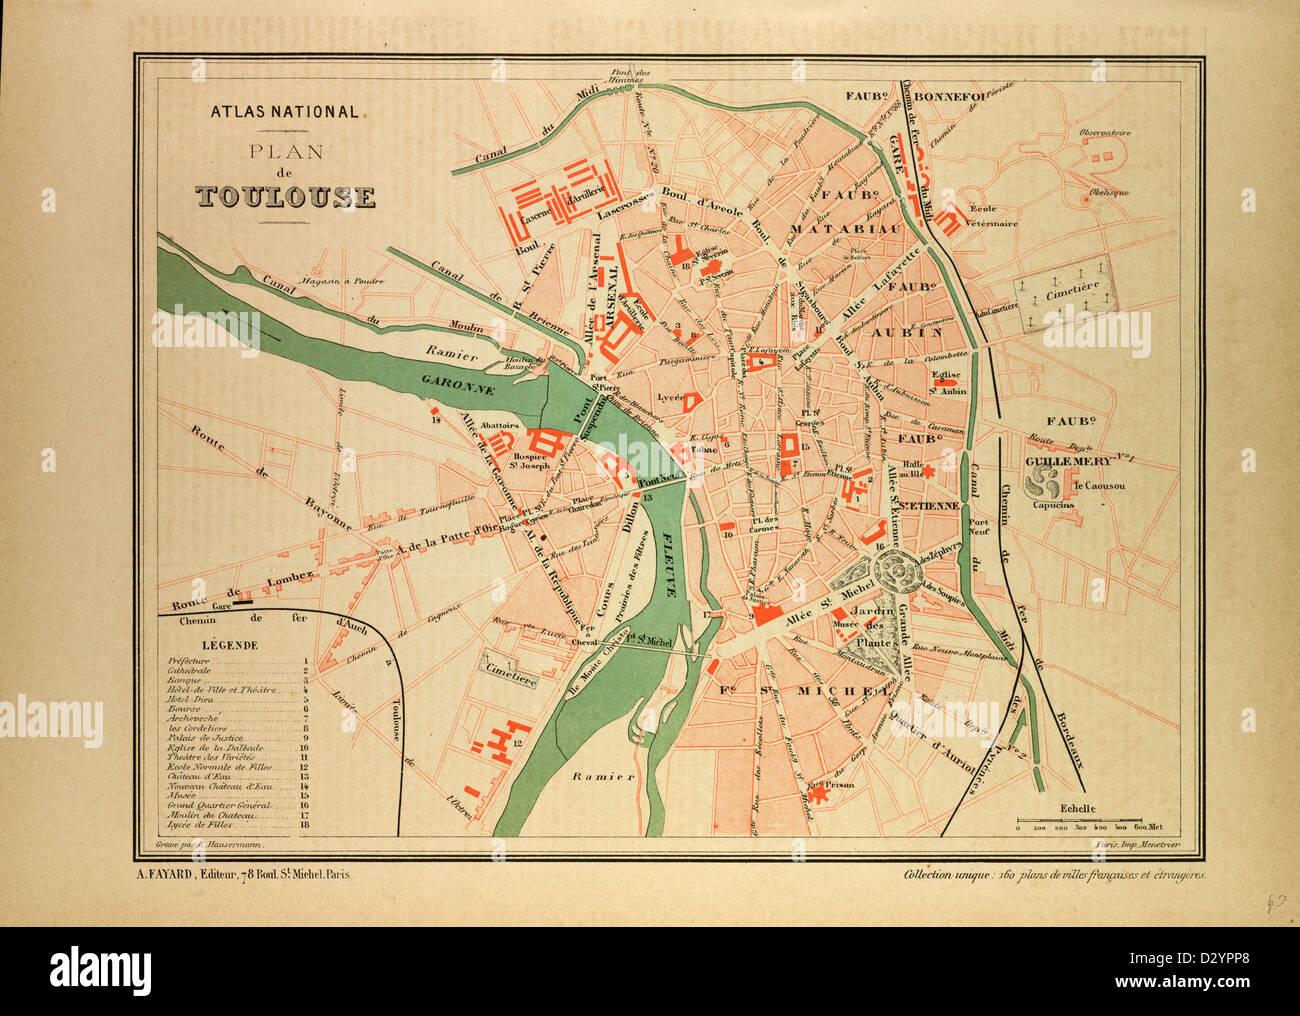 Toulouse Karte.Toulouse Karte Stockfotos Toulouse Karte Bilder Alamy